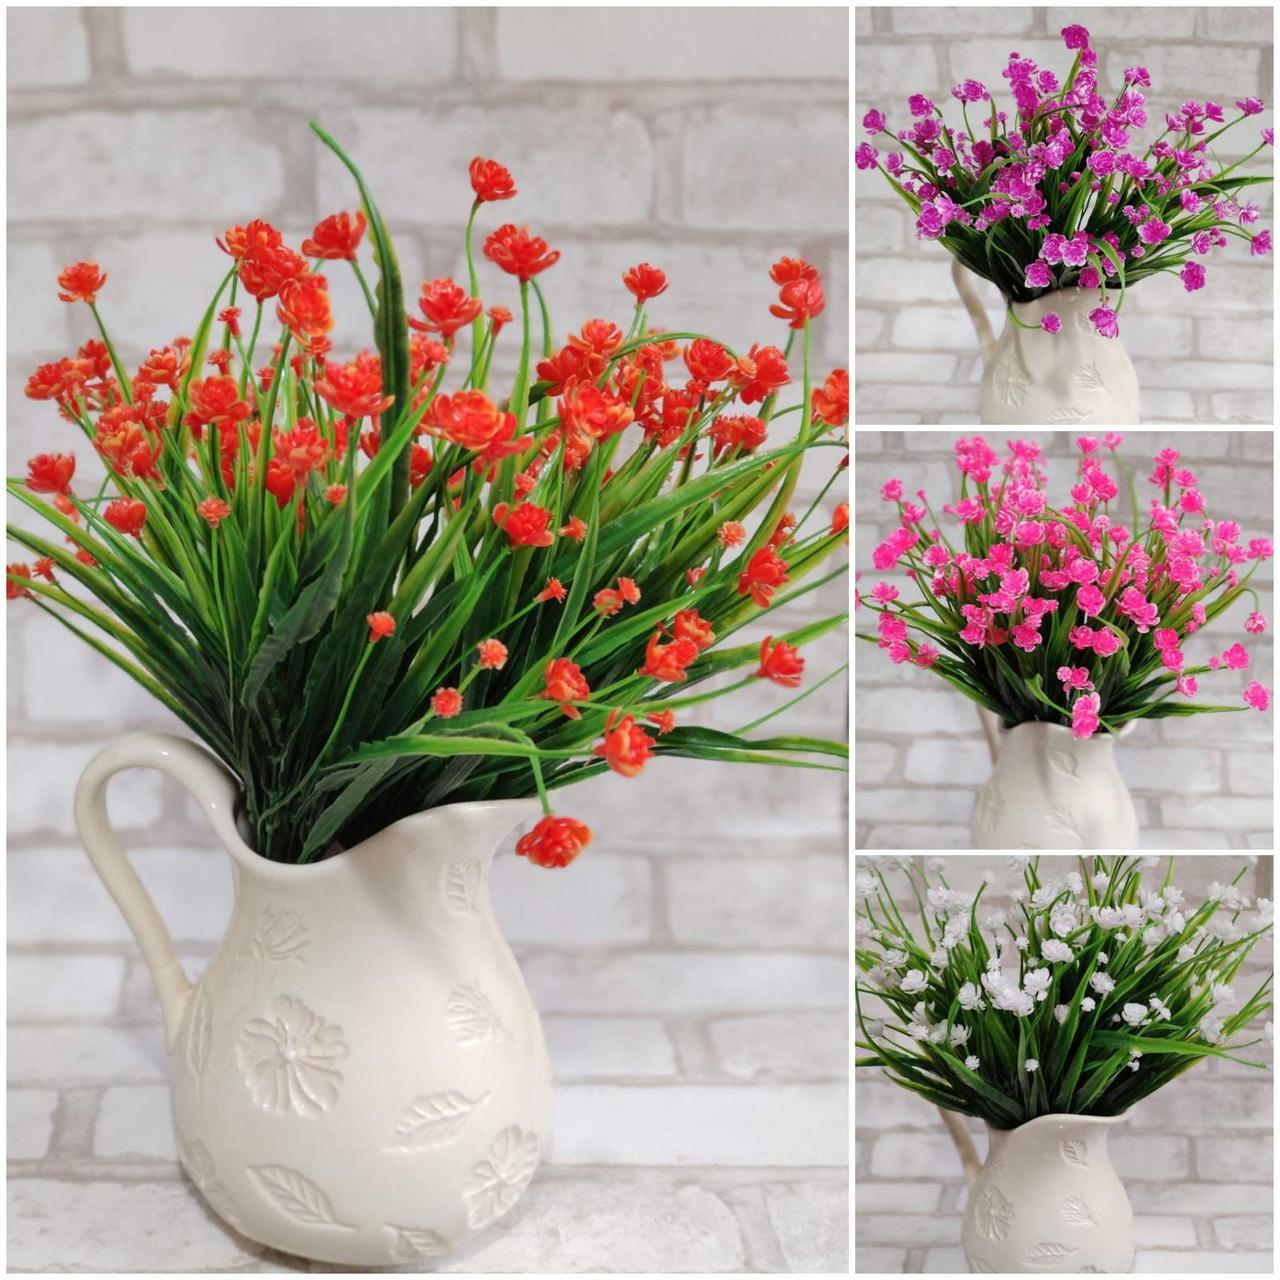 Гілочка кувшінки, штучні інтер'єрні квіти, Польша, пластикова, вис. 40 см., 6 гілок, 36/26 (ціна за 1шт.+10гр)